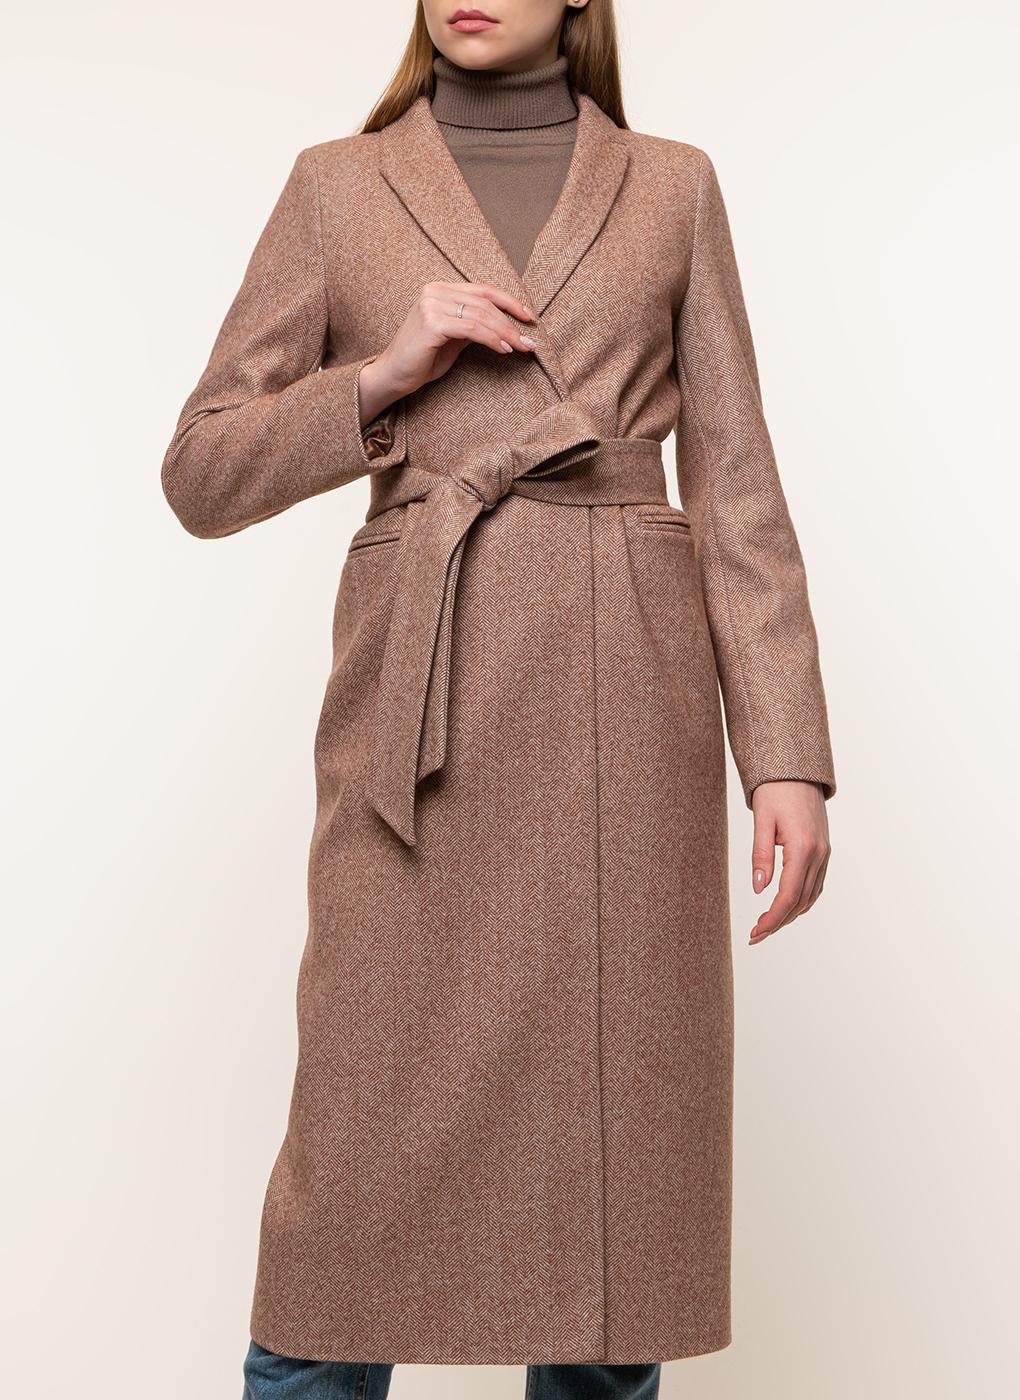 Пальто прямое полушерстяное 26, Sezalto фото